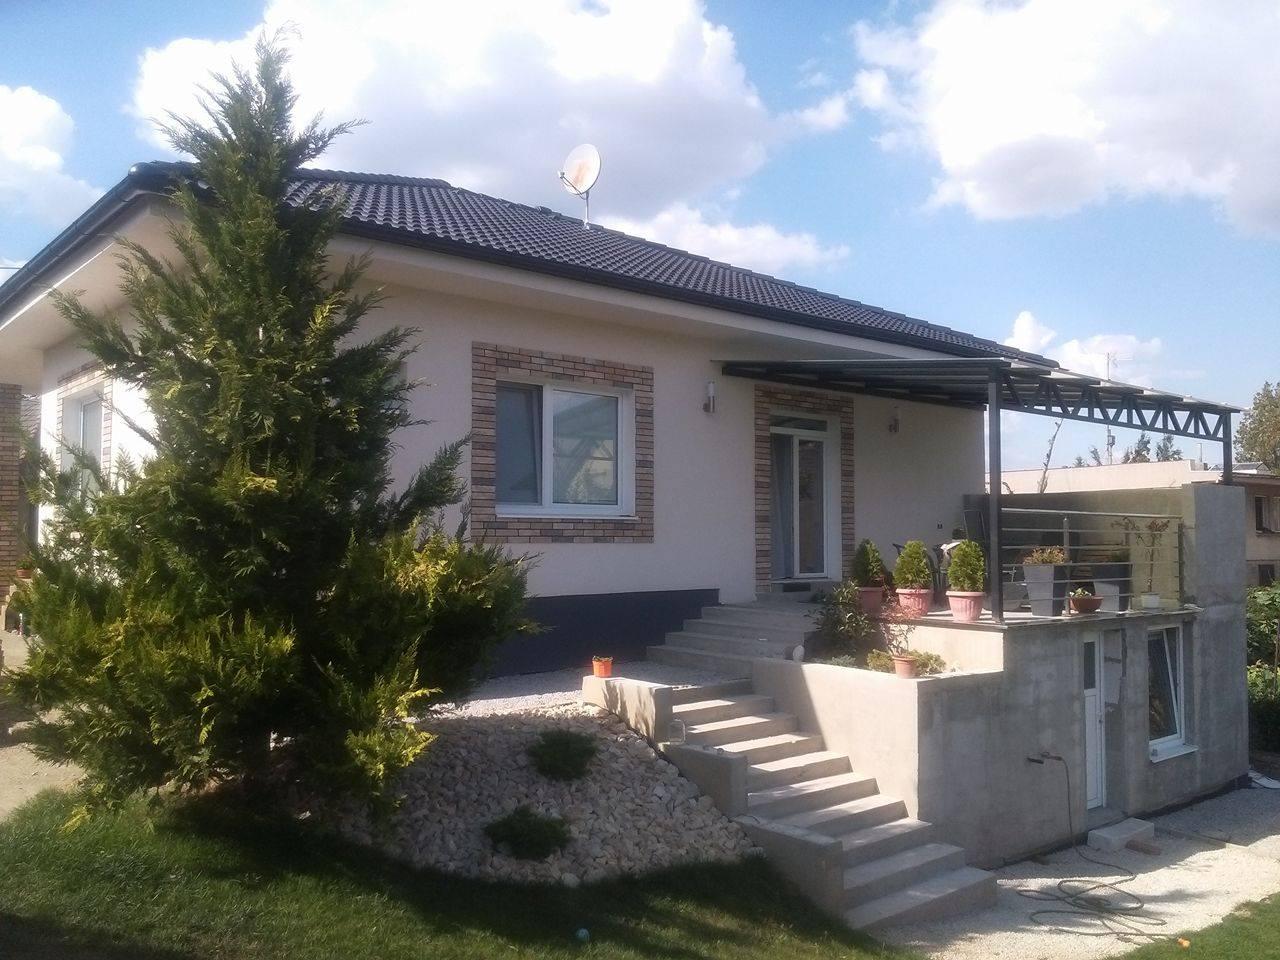 Premena nášho domu - Prístavba zatiaľ neomietnutá :(